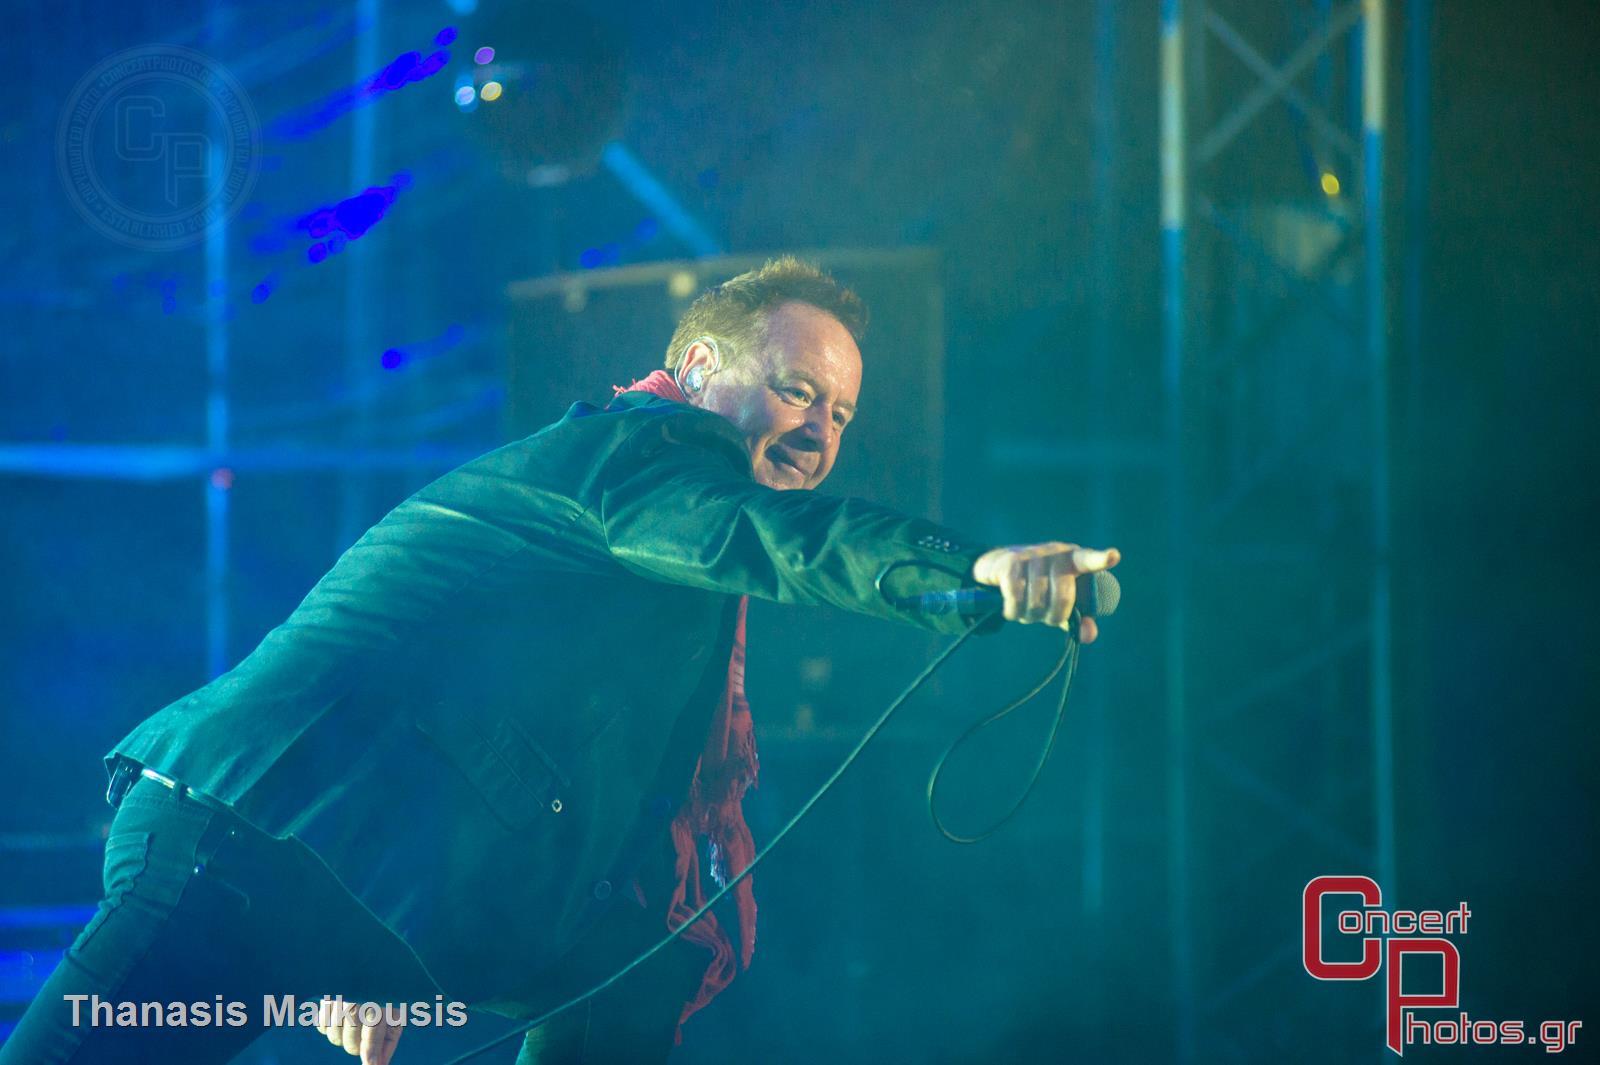 En Lefko 2014-En Lefko 2014 photographer: Thanasis Maikousis - concertphotos_20140620_22_53_25